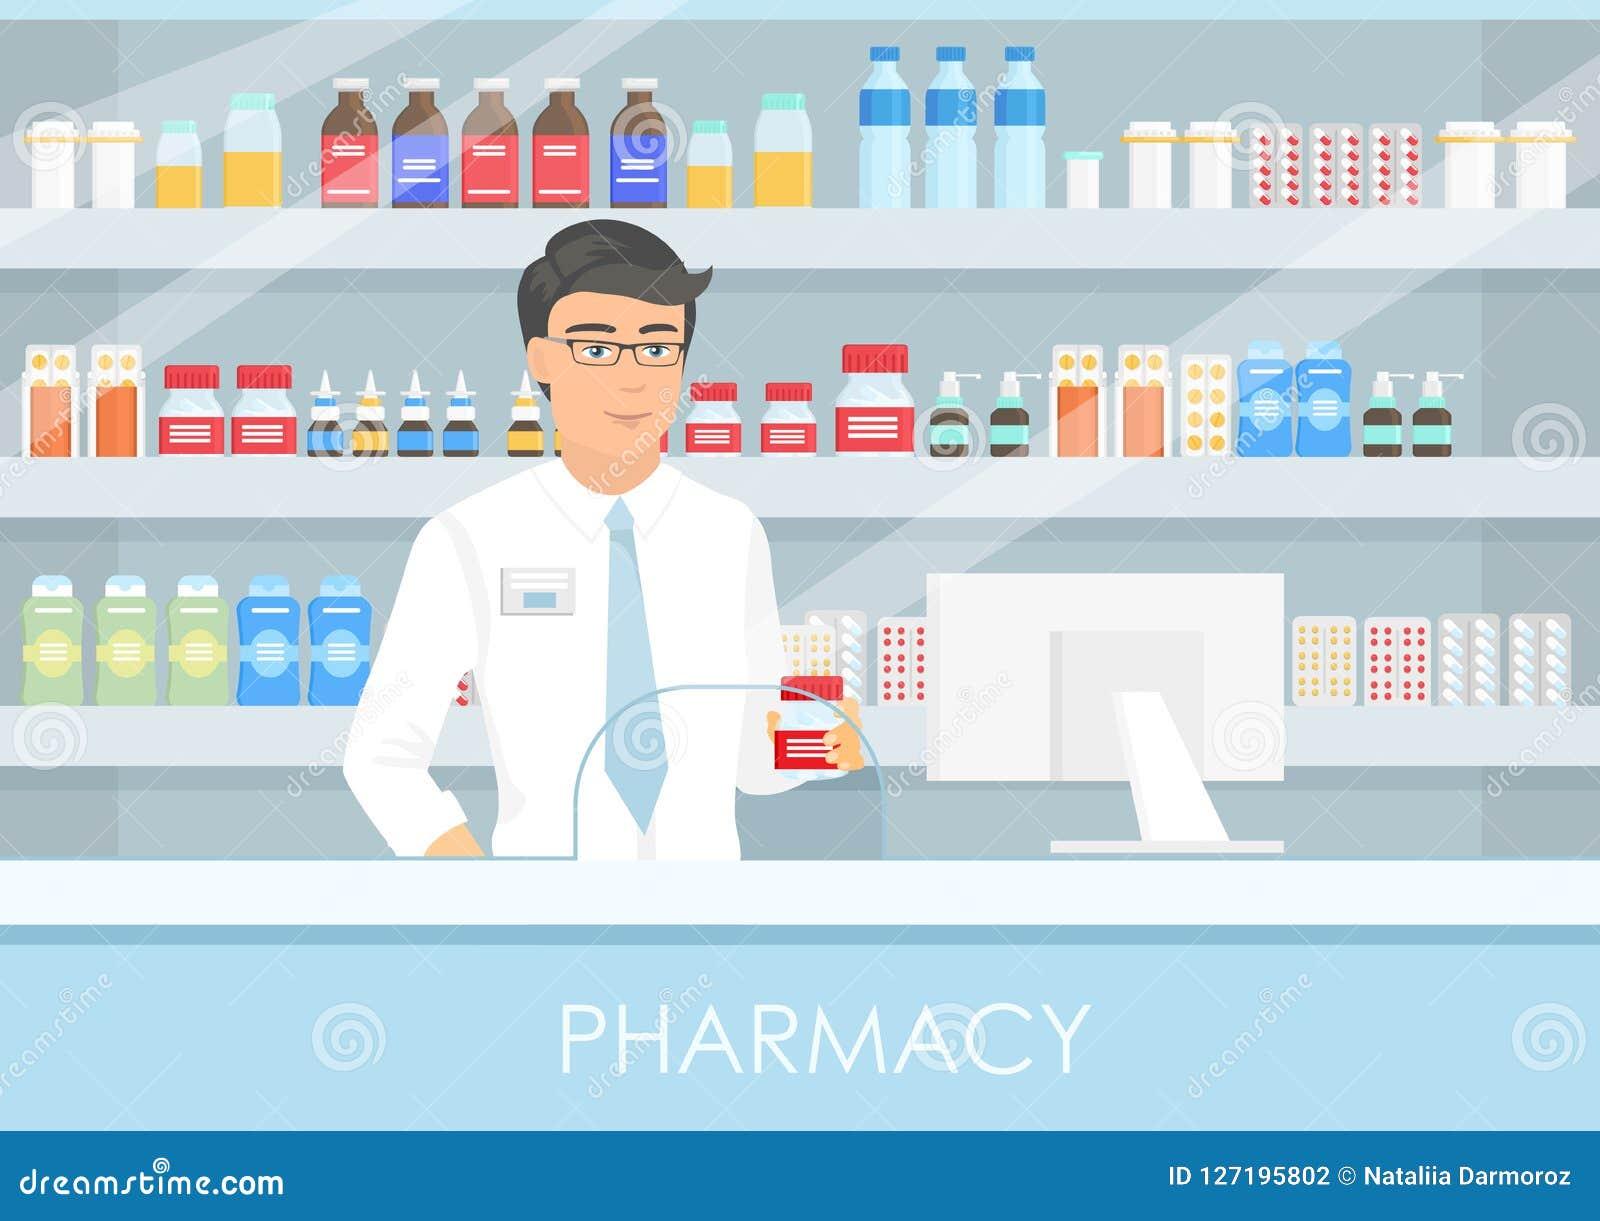 Vektorillustration av en stilig manlig apotekare på en apotekräknare en apotekare, en hylla av medicin, kapslar och